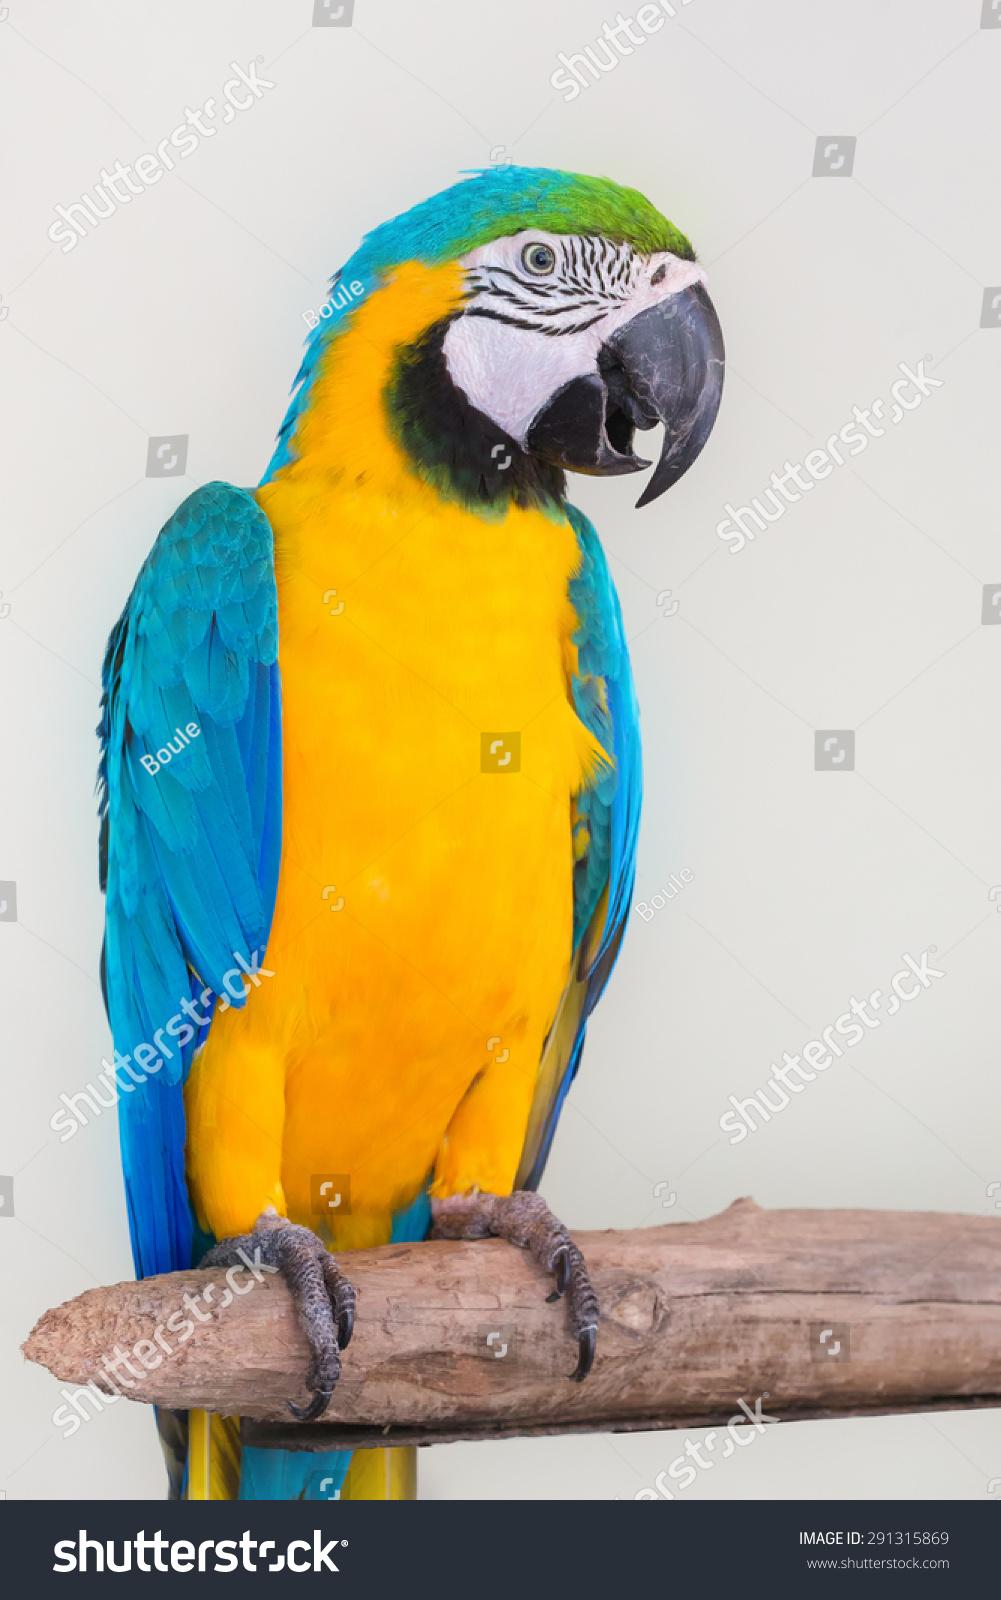 白色背景的彩色鹦鹉吃水果-动物/野生生物